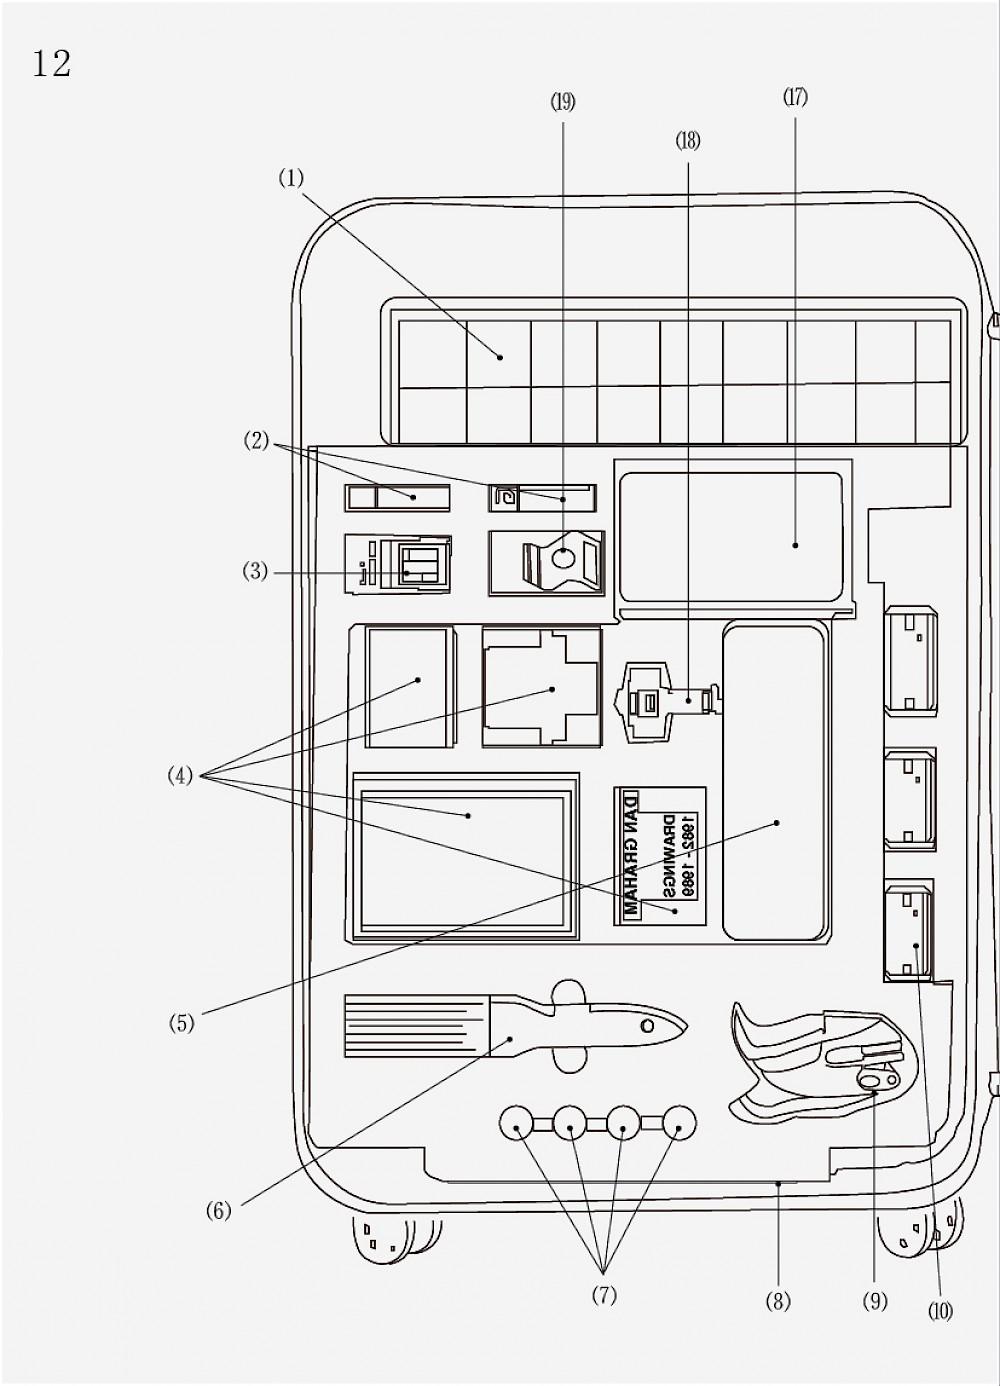 Publication Studio & Publication Studio Portable: A Mobile